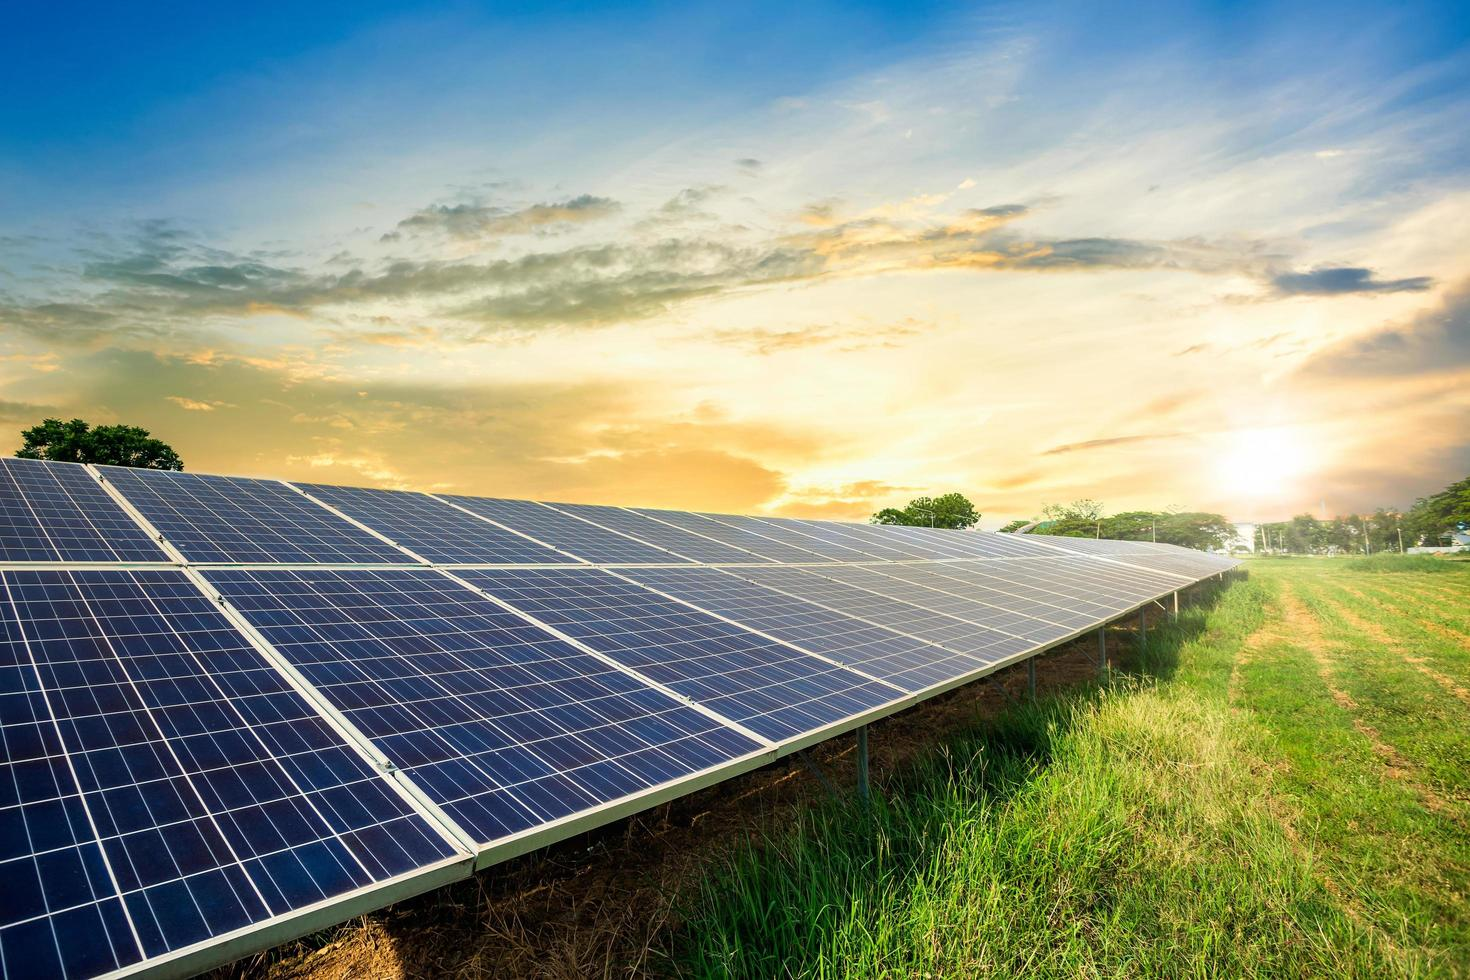 Solarpanel-Zelle auf dramatischem Sonnenuntergangshimmelhintergrund foto